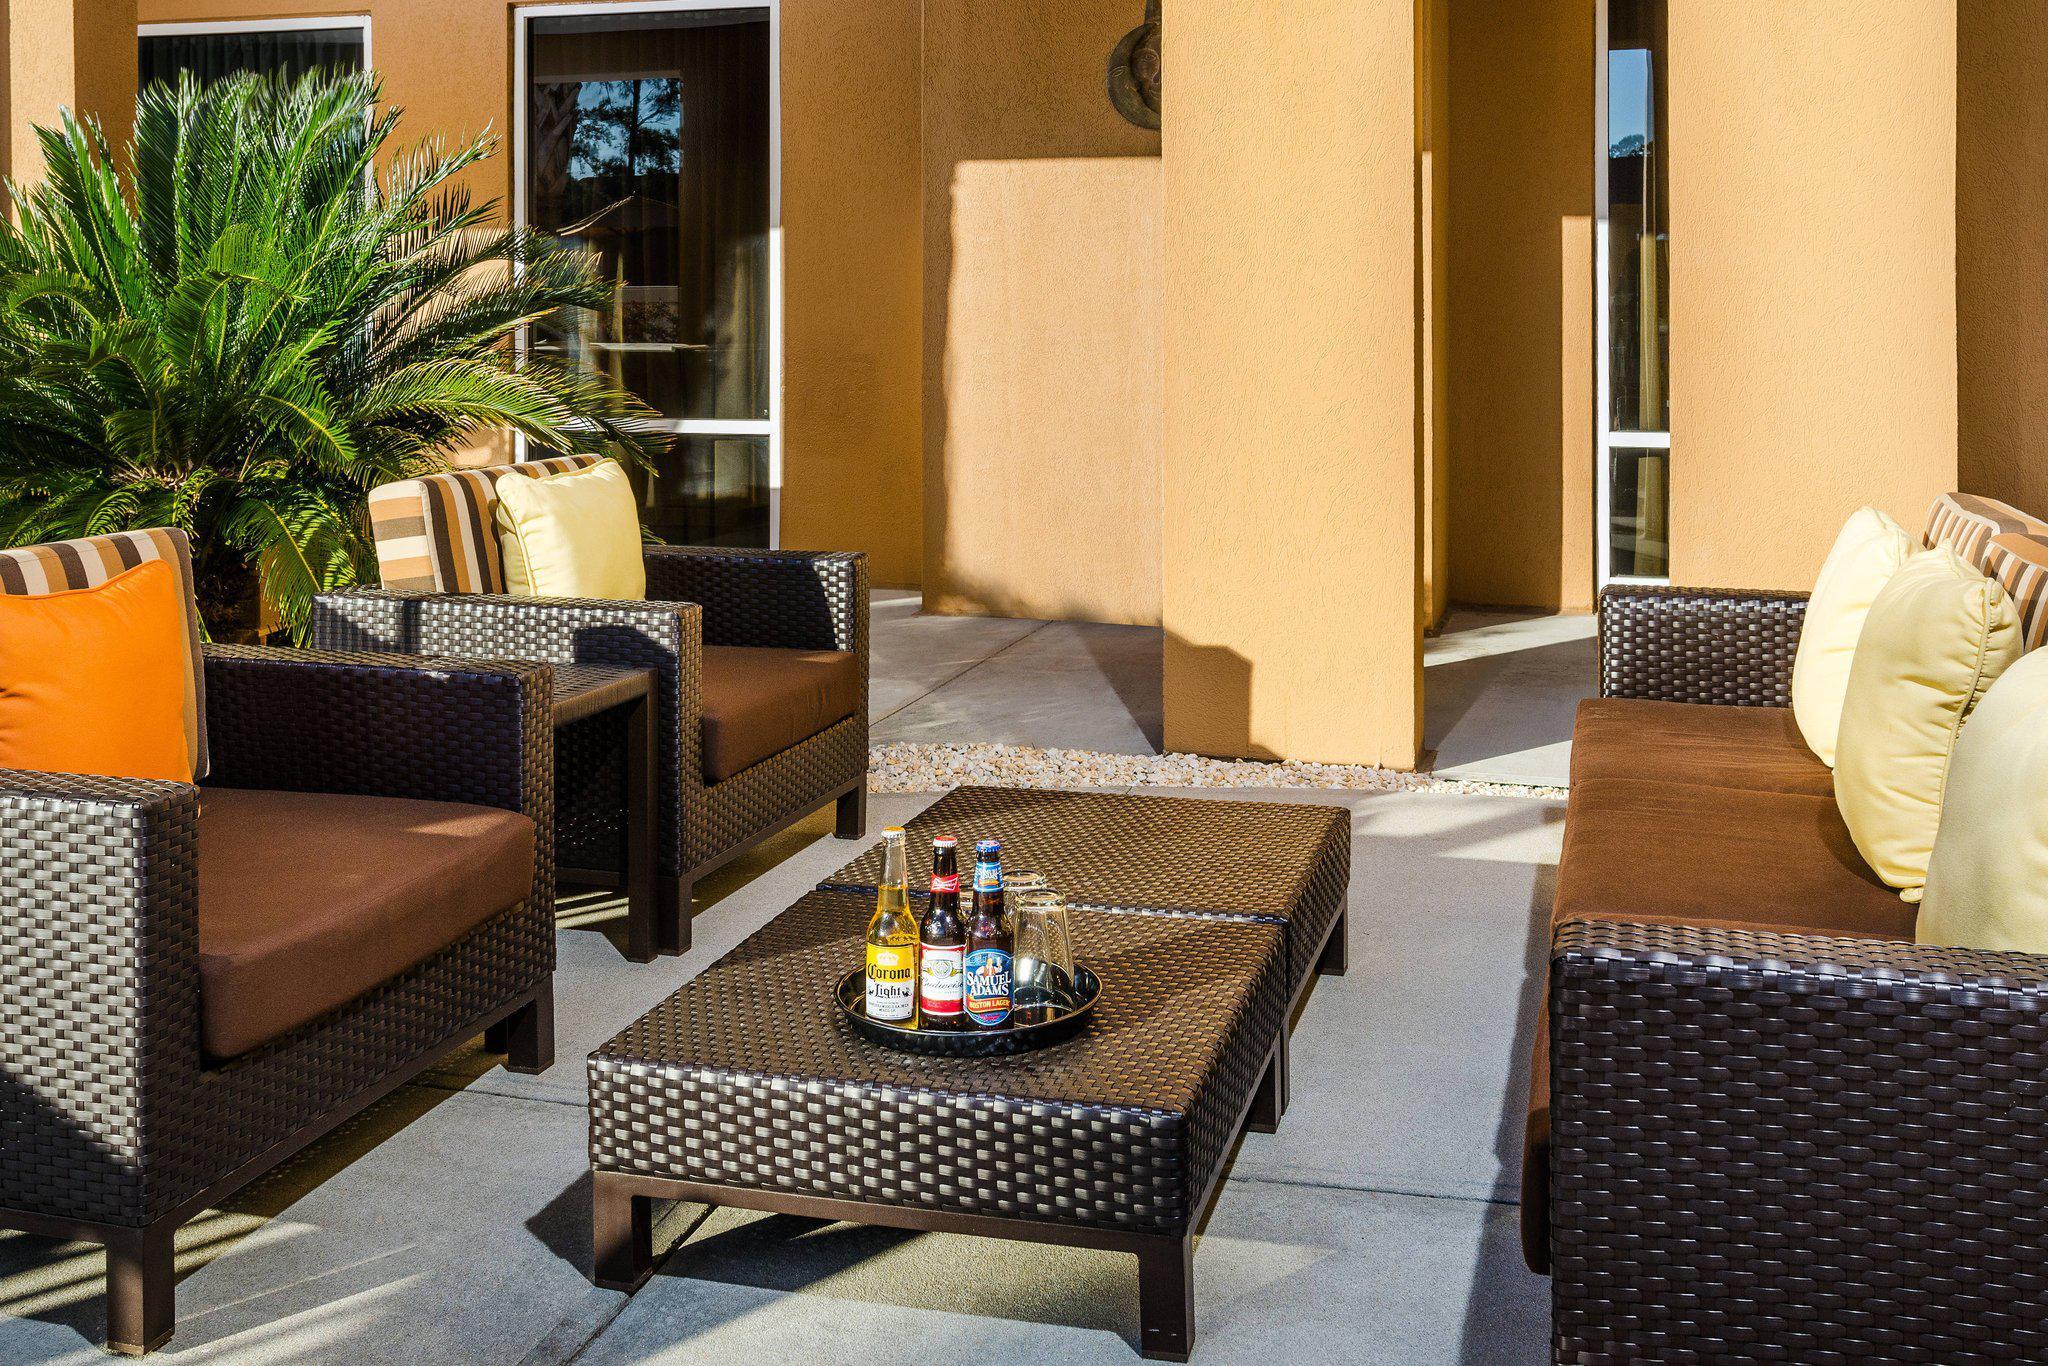 Courtyard by Marriott Myrtle Beach Broadway